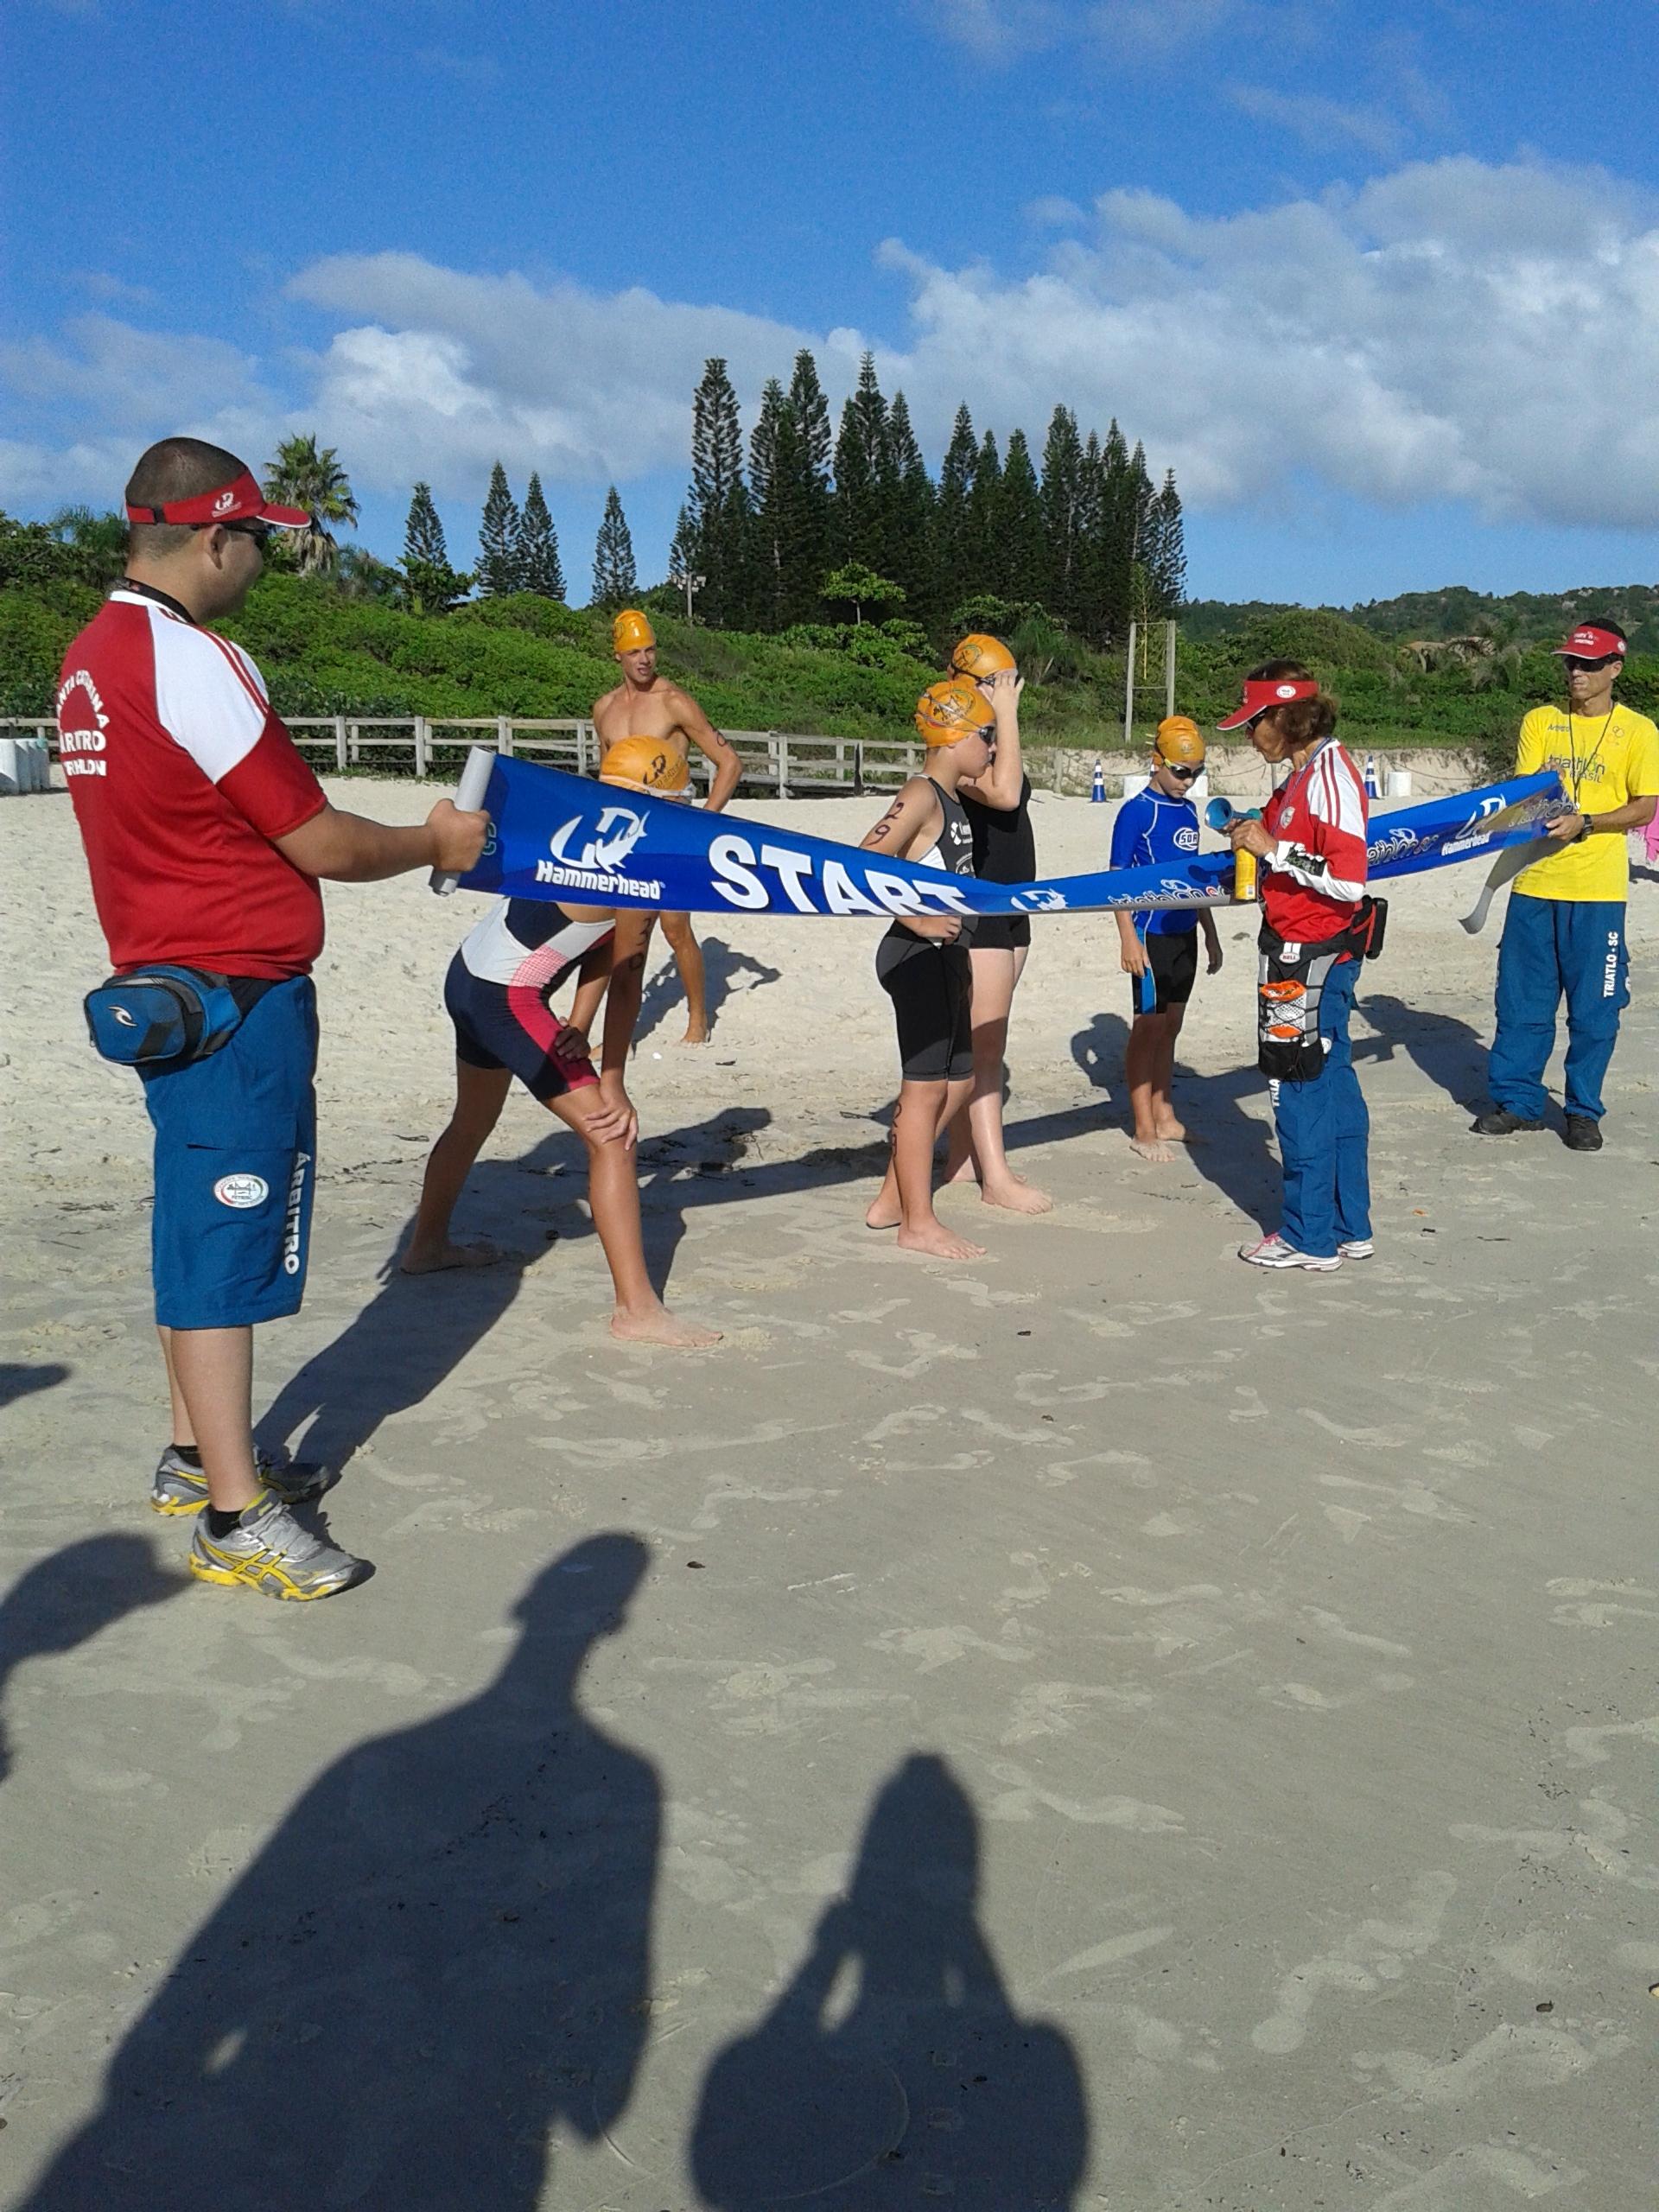 Campeonato de Aquathlon em 29 de março em Jurerê